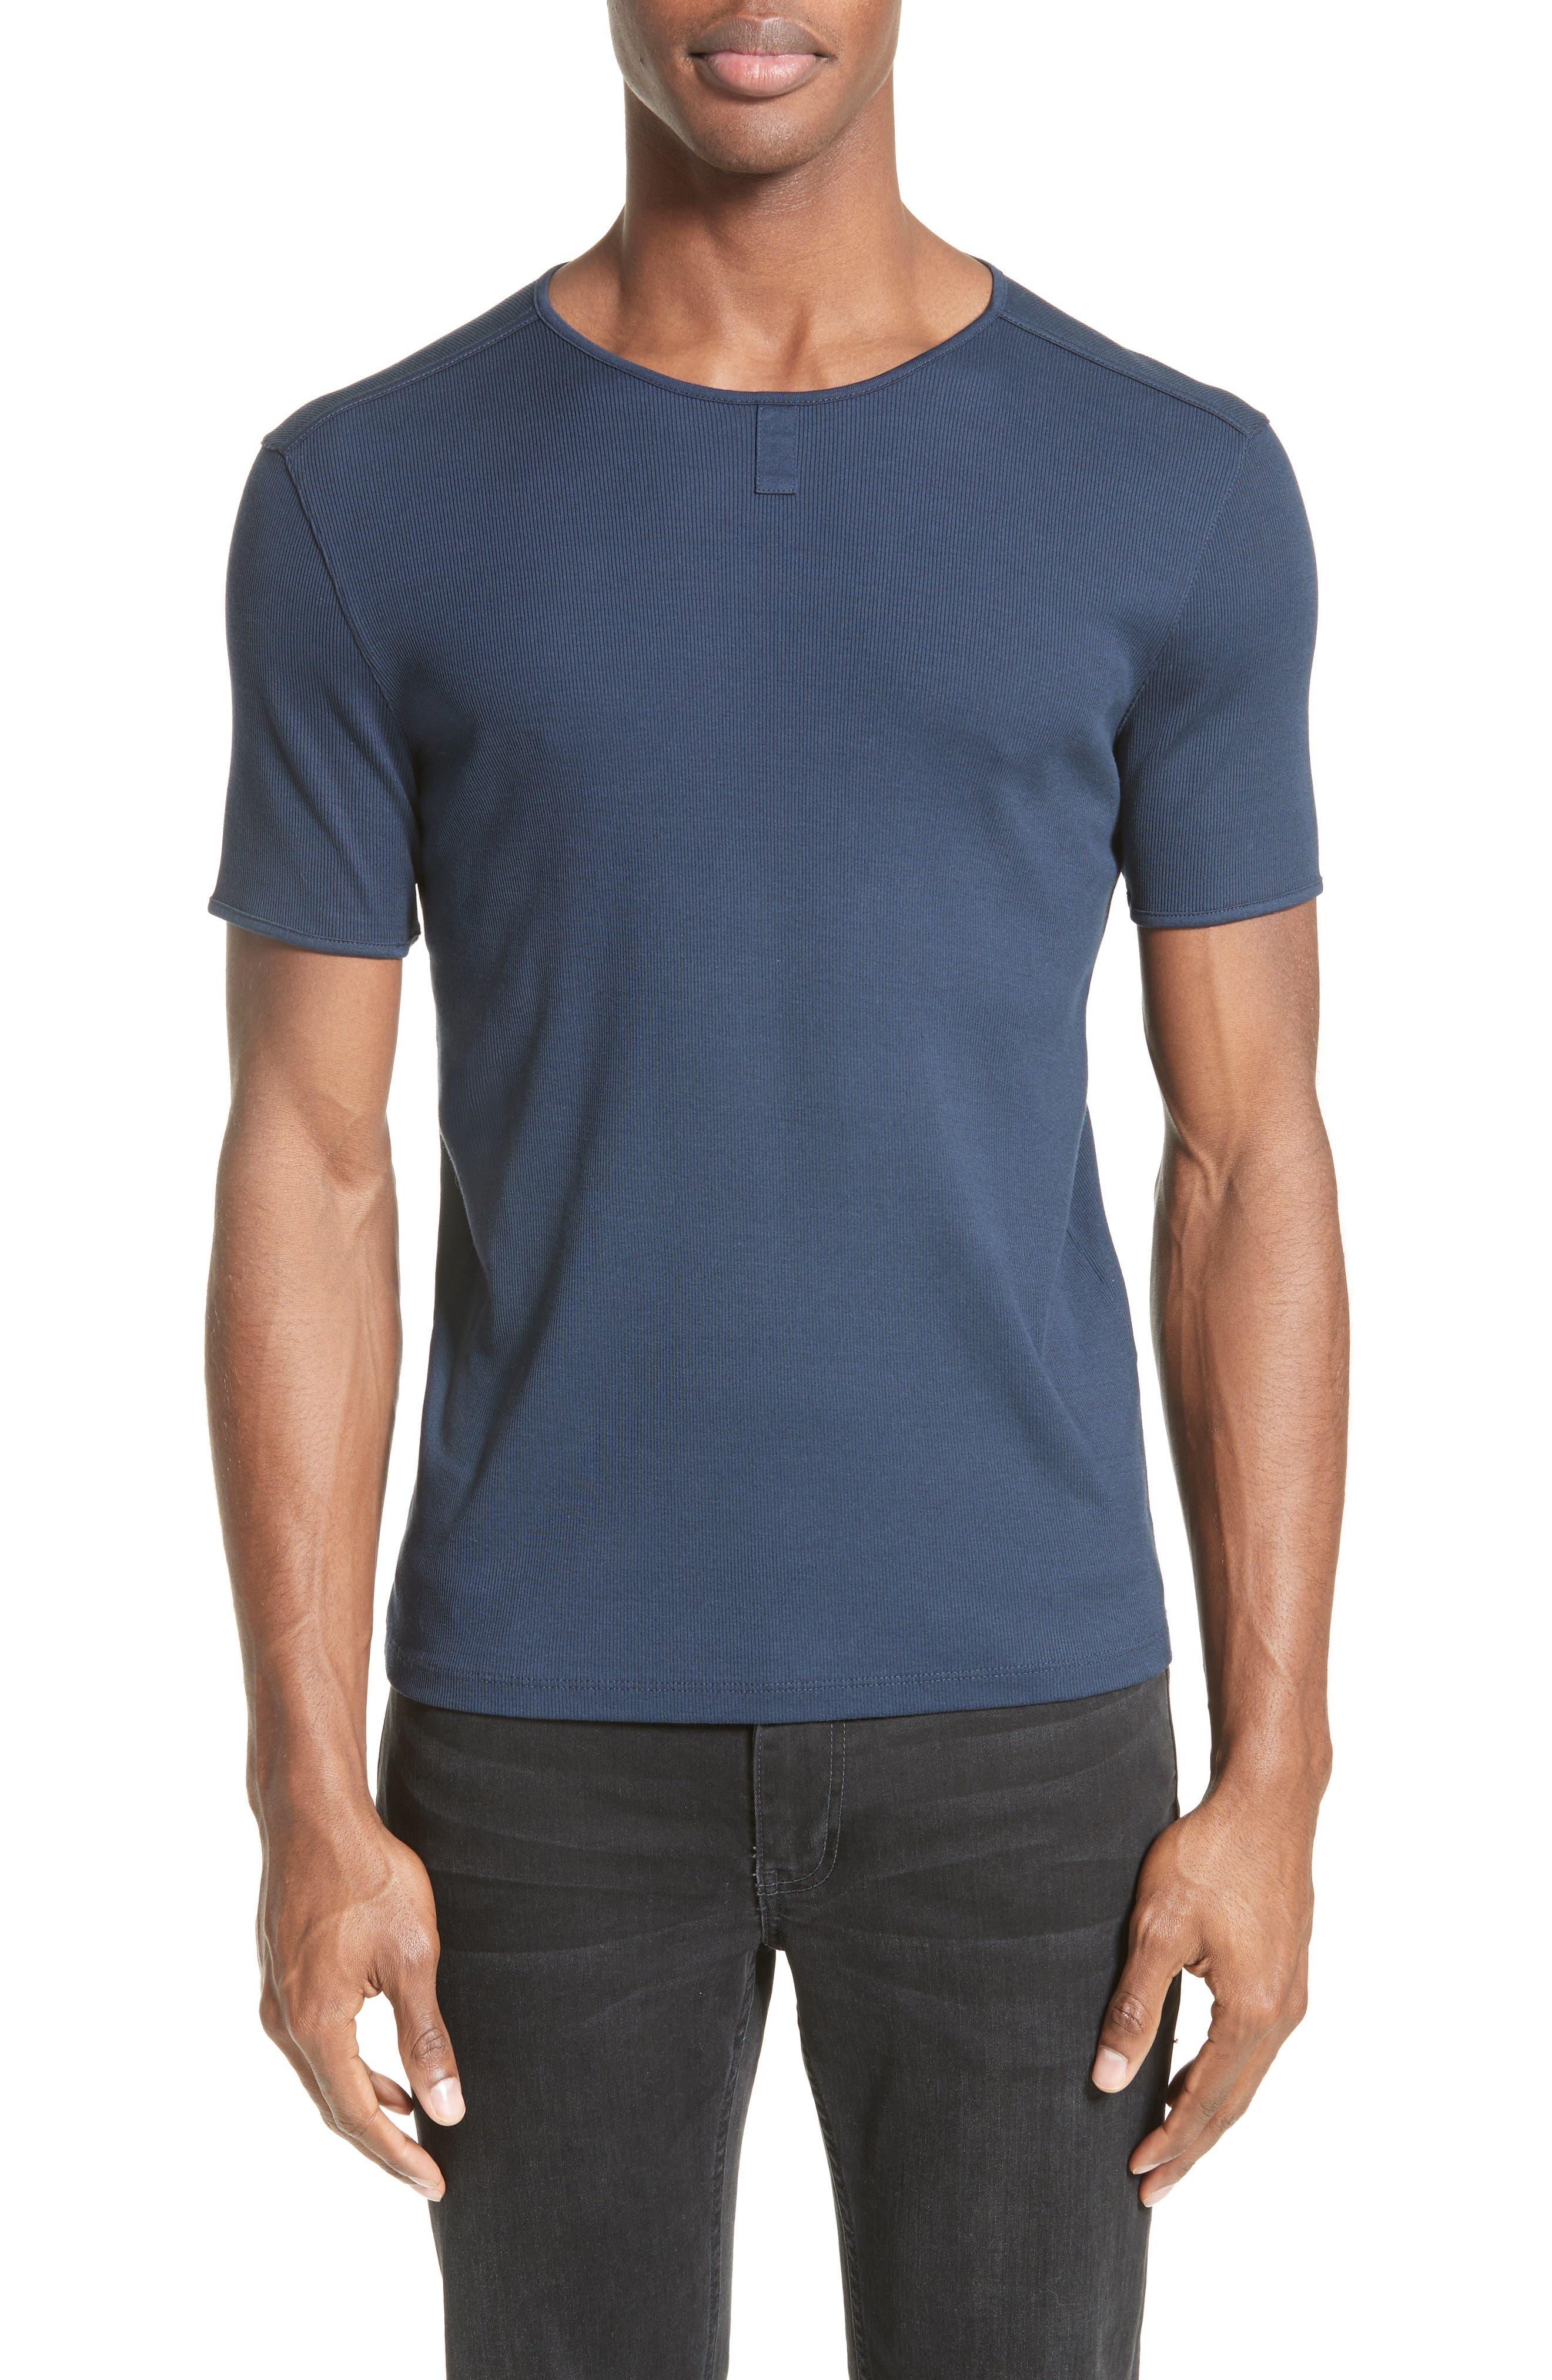 Main Image - John Varvatos Collection Ribbed Crewneck T-Shirt